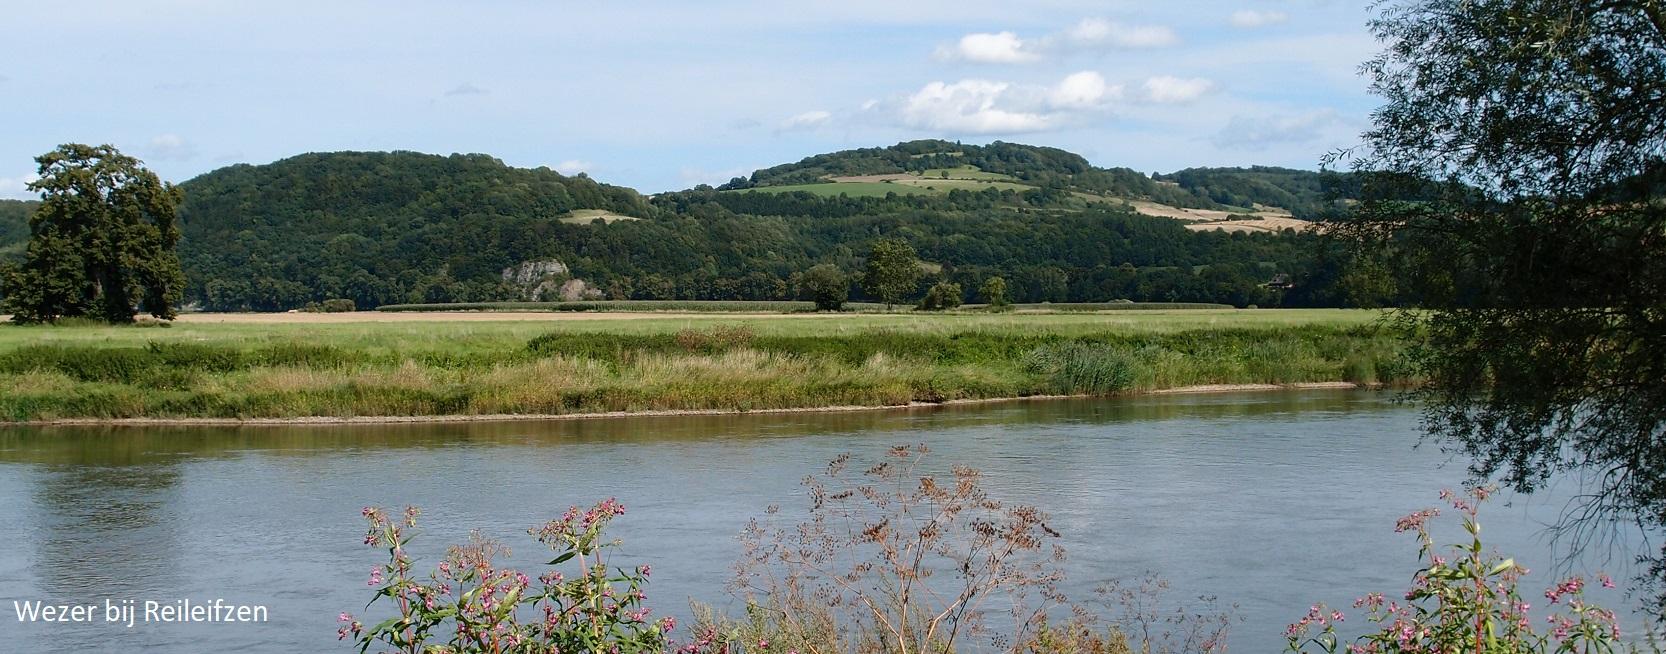 De Weser bij Reileifzen